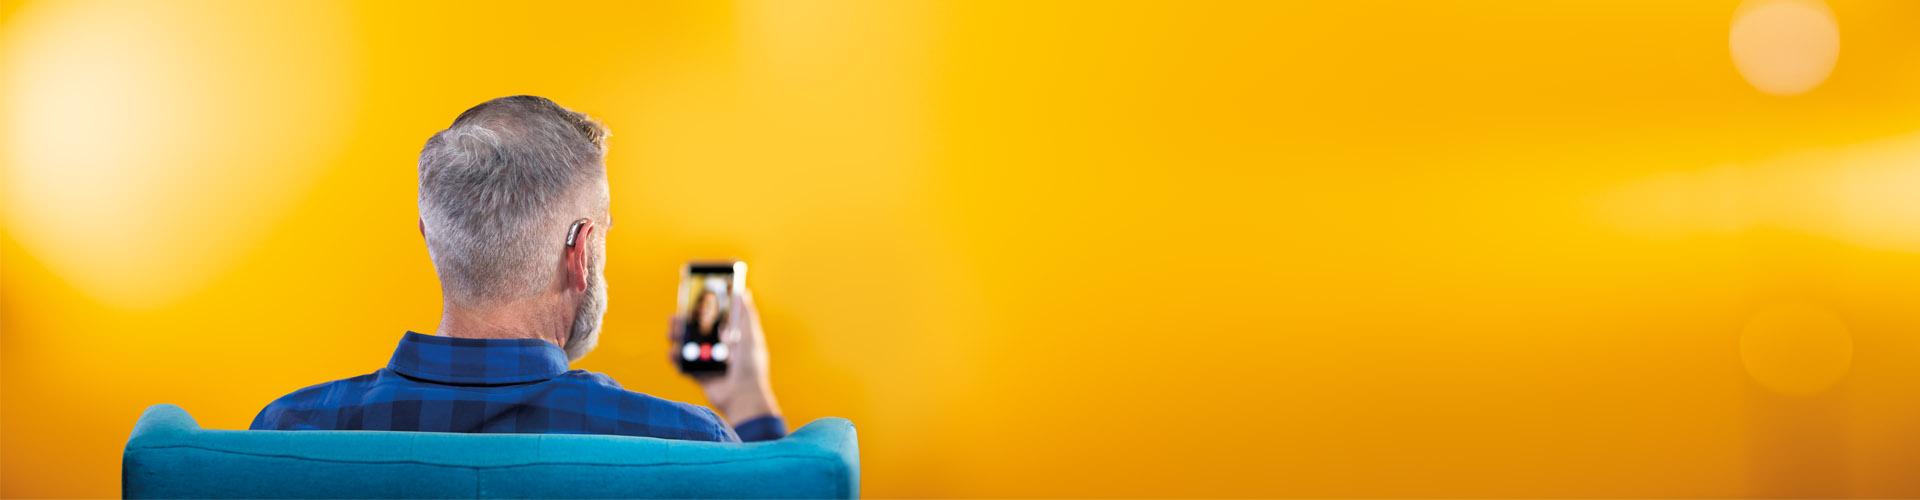 Moški srednjih let se s pomočjo pametnega telefona in slušnih pripomočkov Philips HearLink povezuje s prijatelji preko video klica.